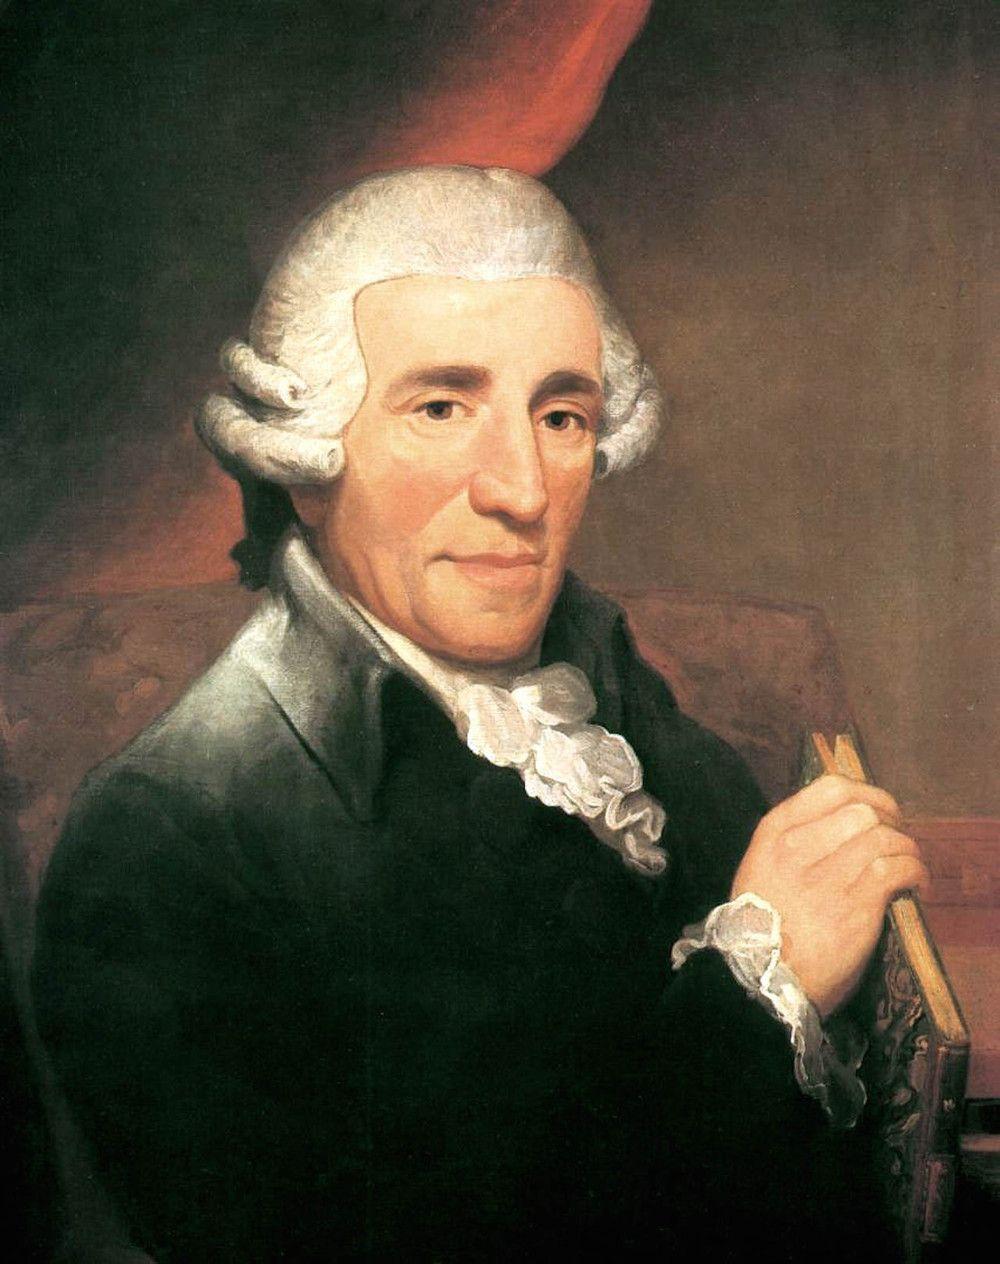 Franz Joseph Haydn Conocido Simplemente Como Joseph Haydn Fue Un Compositor Austriaco Es Uno De Los Máximos R Musica Erudita Musica Classica História Musical